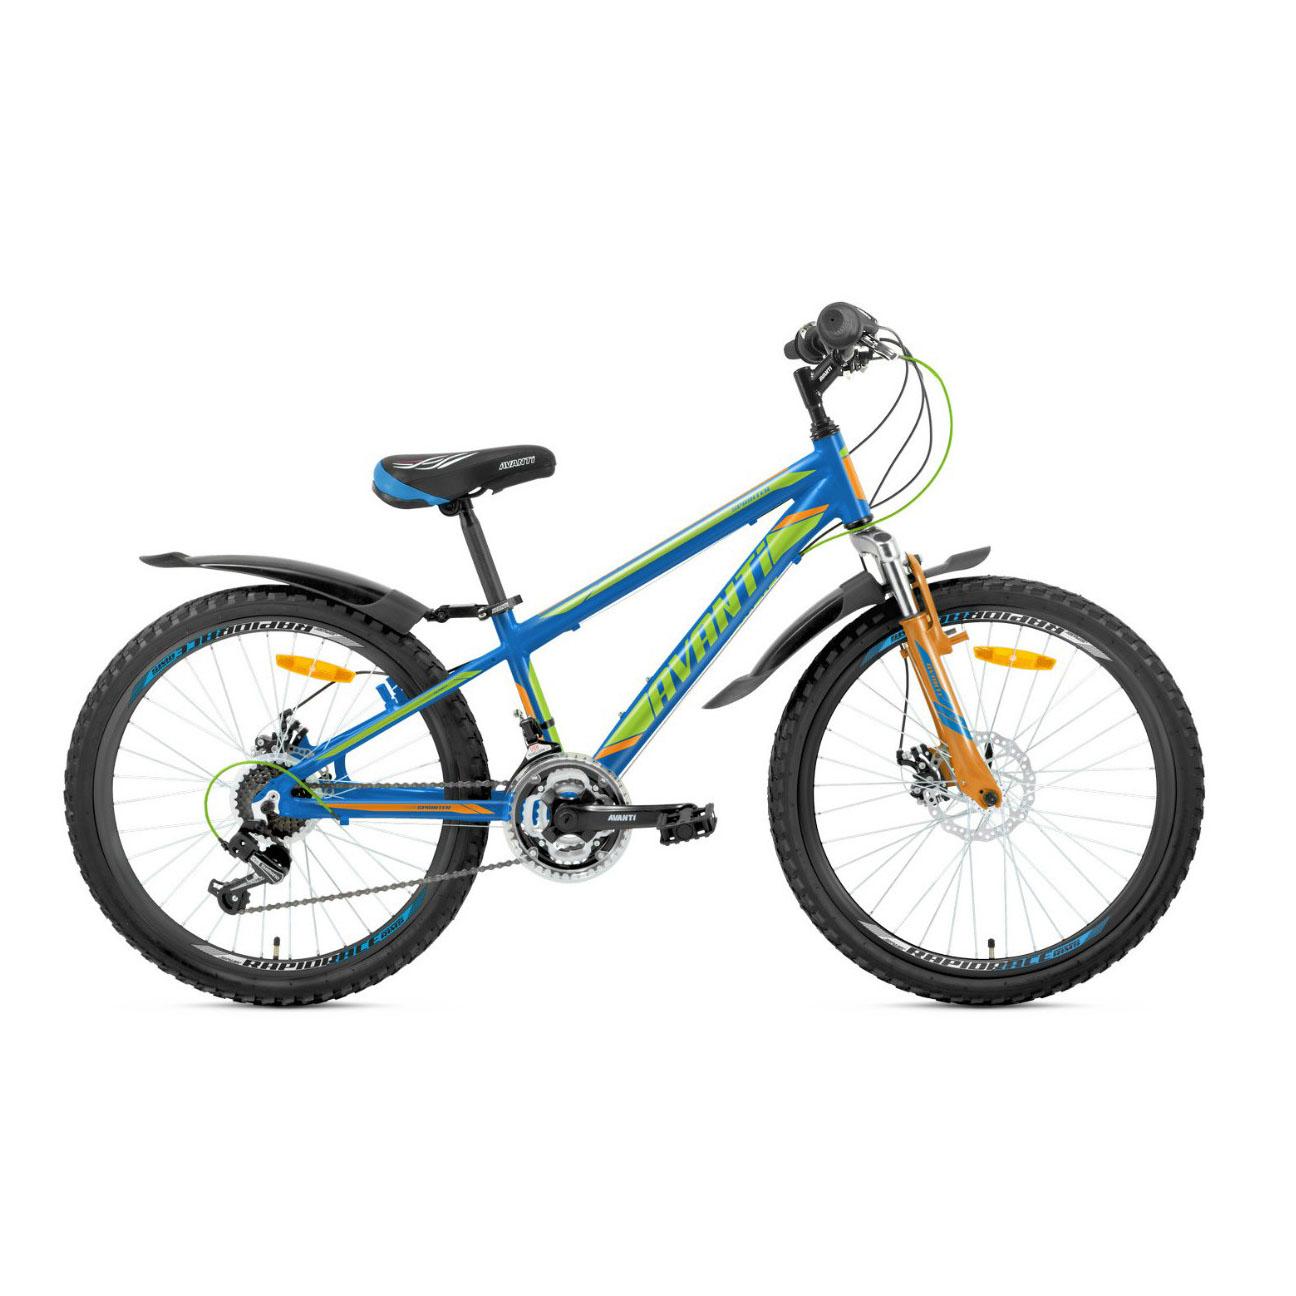 Фото Подростковый Велосипед 24 Avanti Sprinter 2018 сине-зеленый